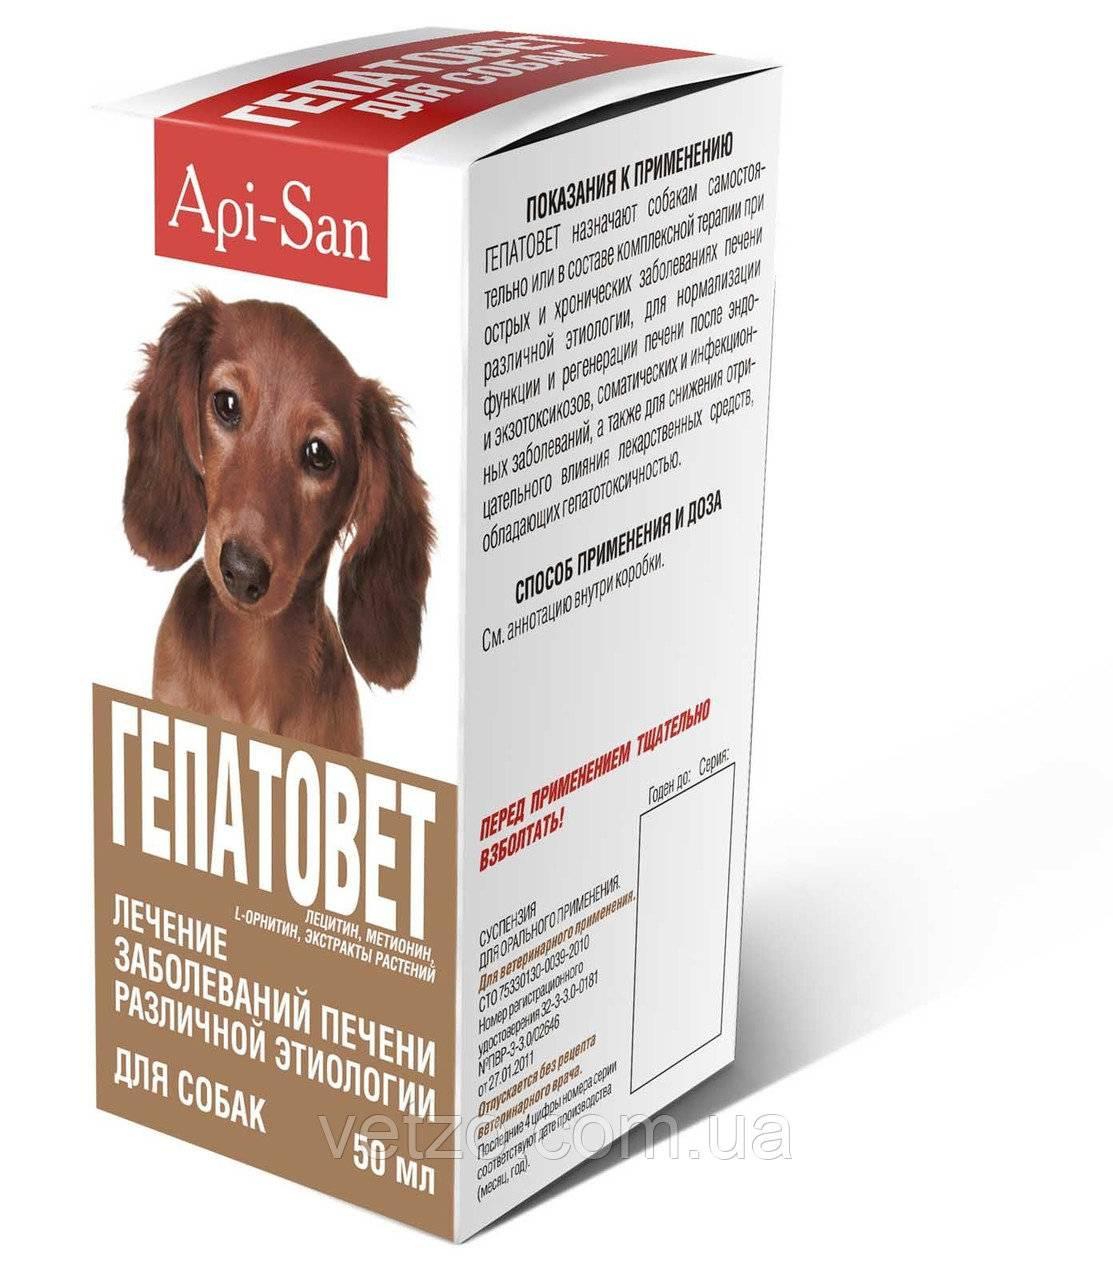 Обзор препарата гепатовет для кошек: инструкция по применению, отзывы